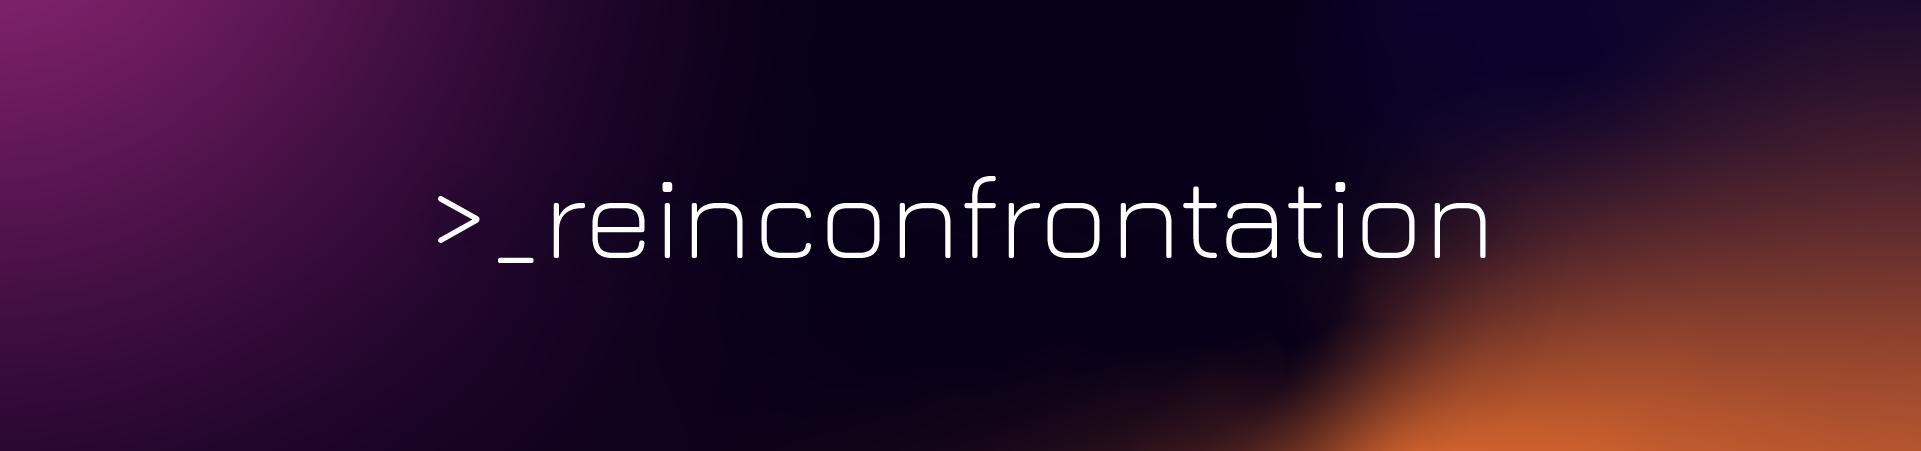 Reinconfrontation